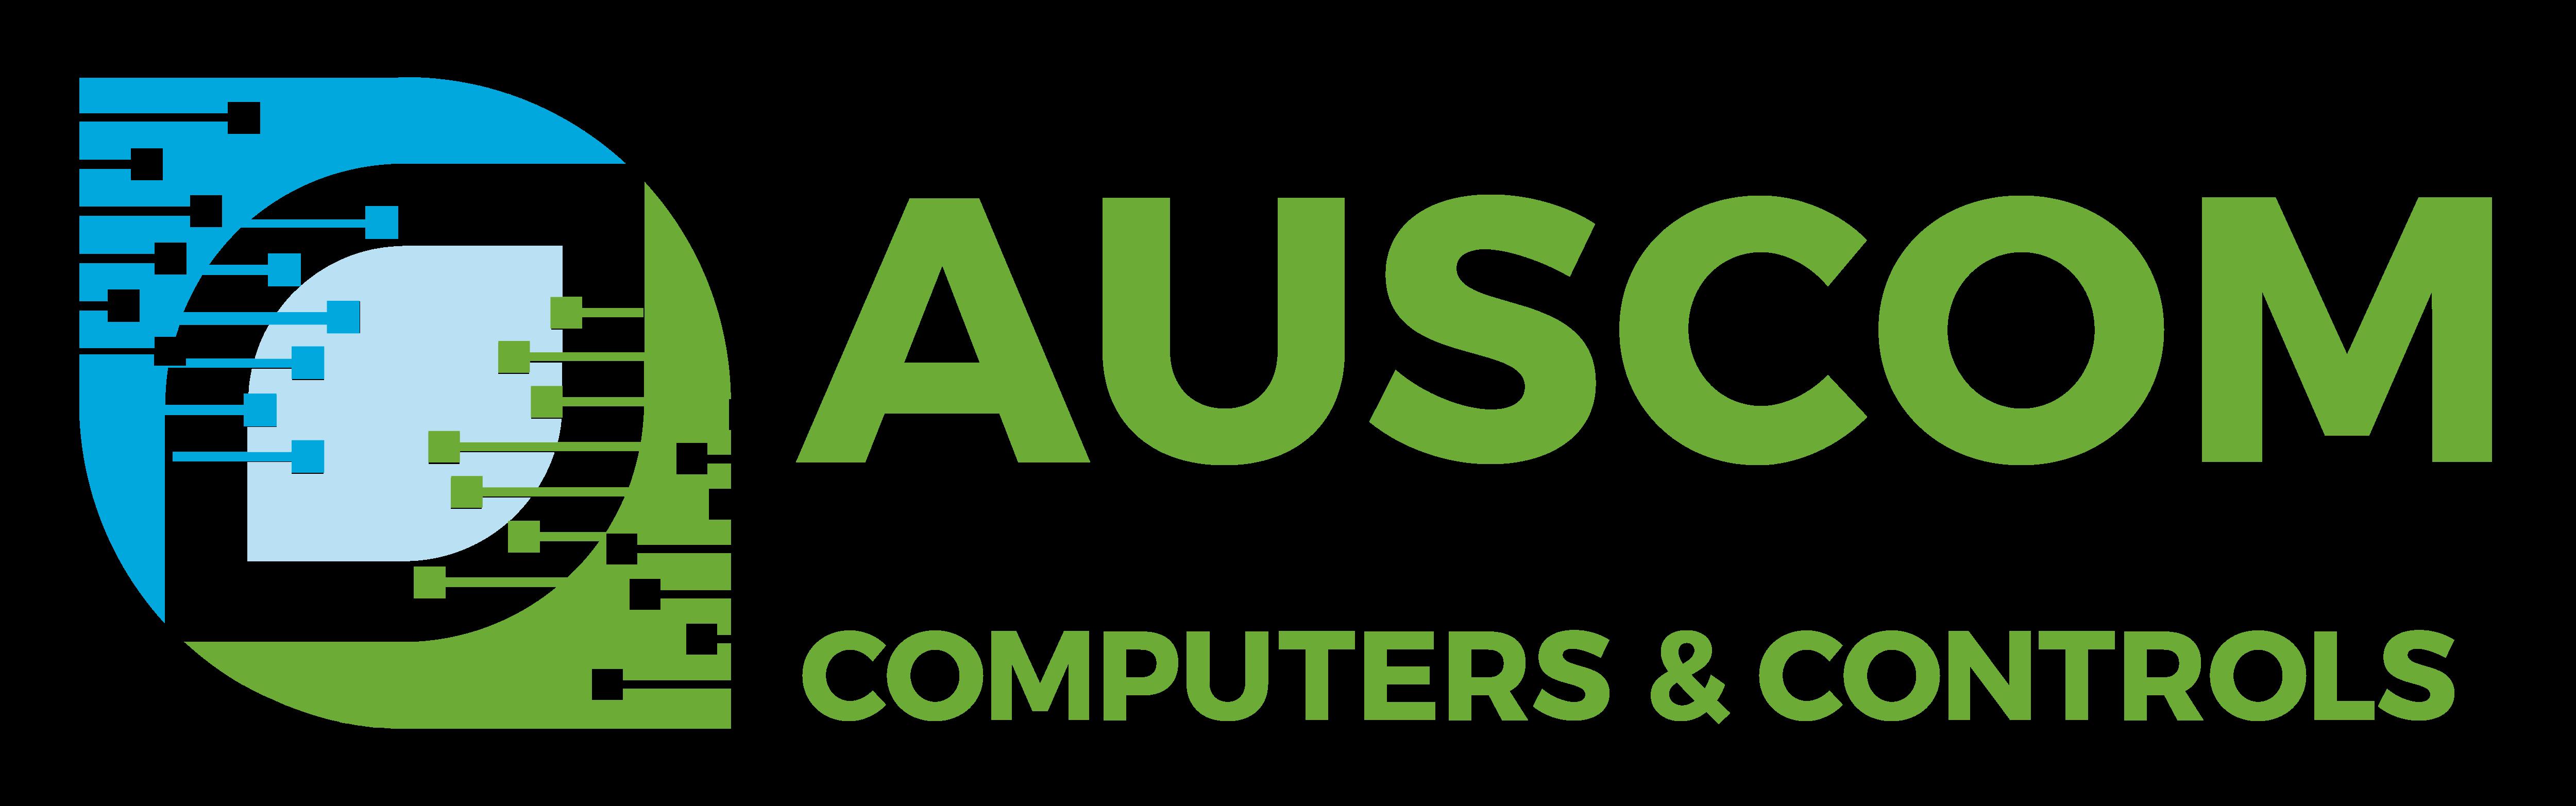 AUSCOM Computers & Controls